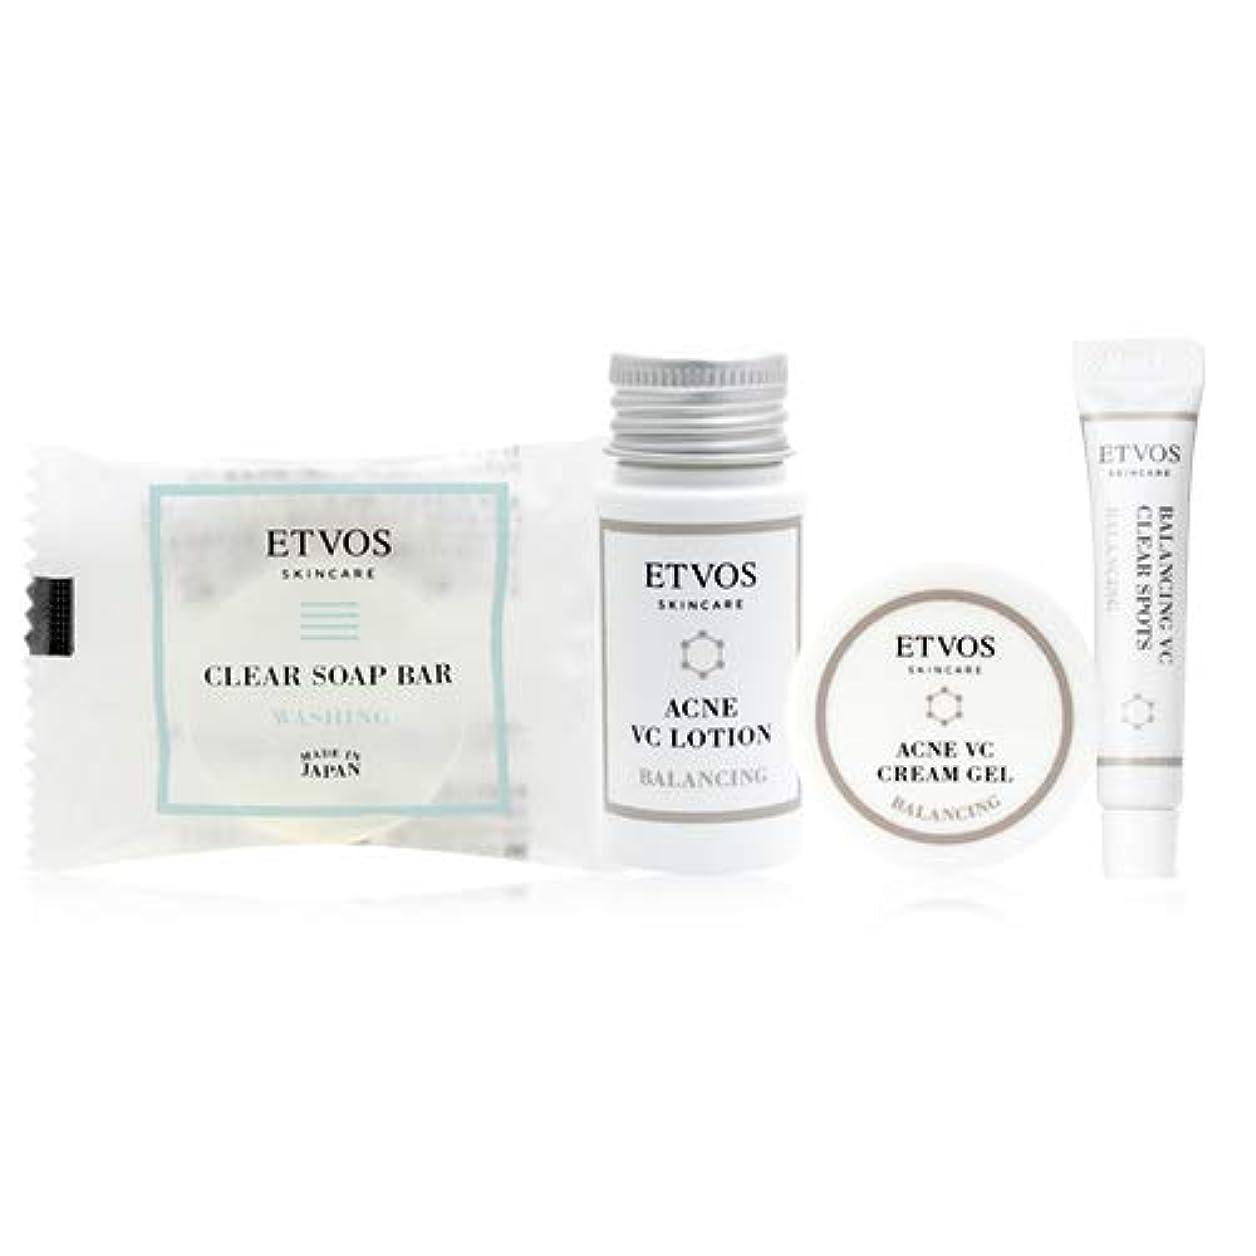 関係ない粗いパイプラインETVOS(エトヴォス) バランシングライン トラベルセット [洗顔/化粧水/クリーム/部分用美容液] ニキビケア